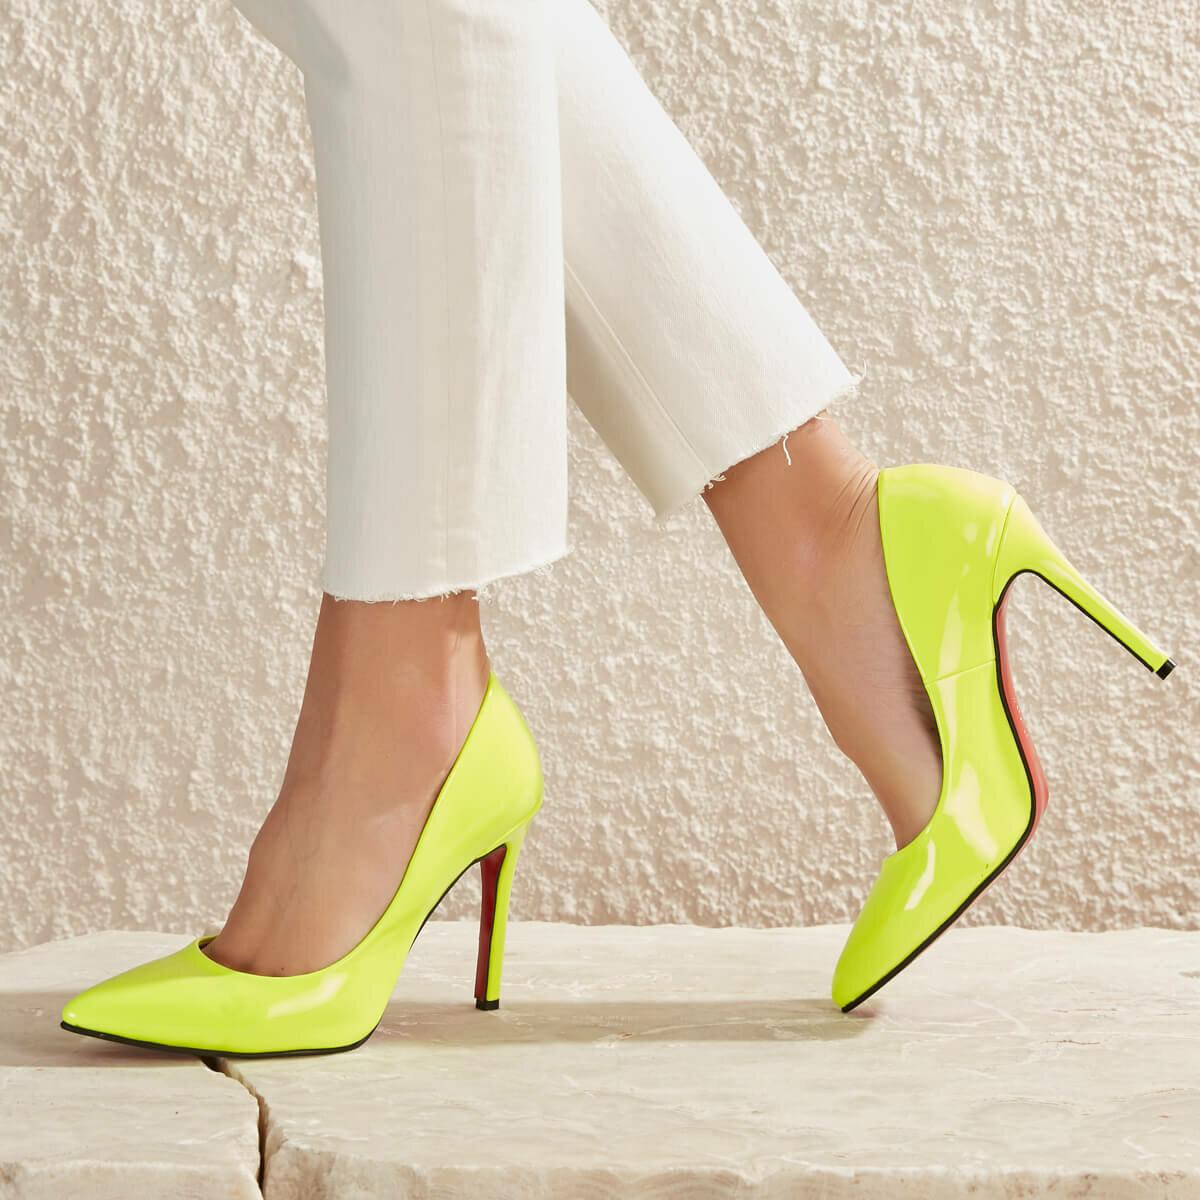 FLO LELA99Z SKIN Neon Yellow Women 'S Stiletto BUTIGO